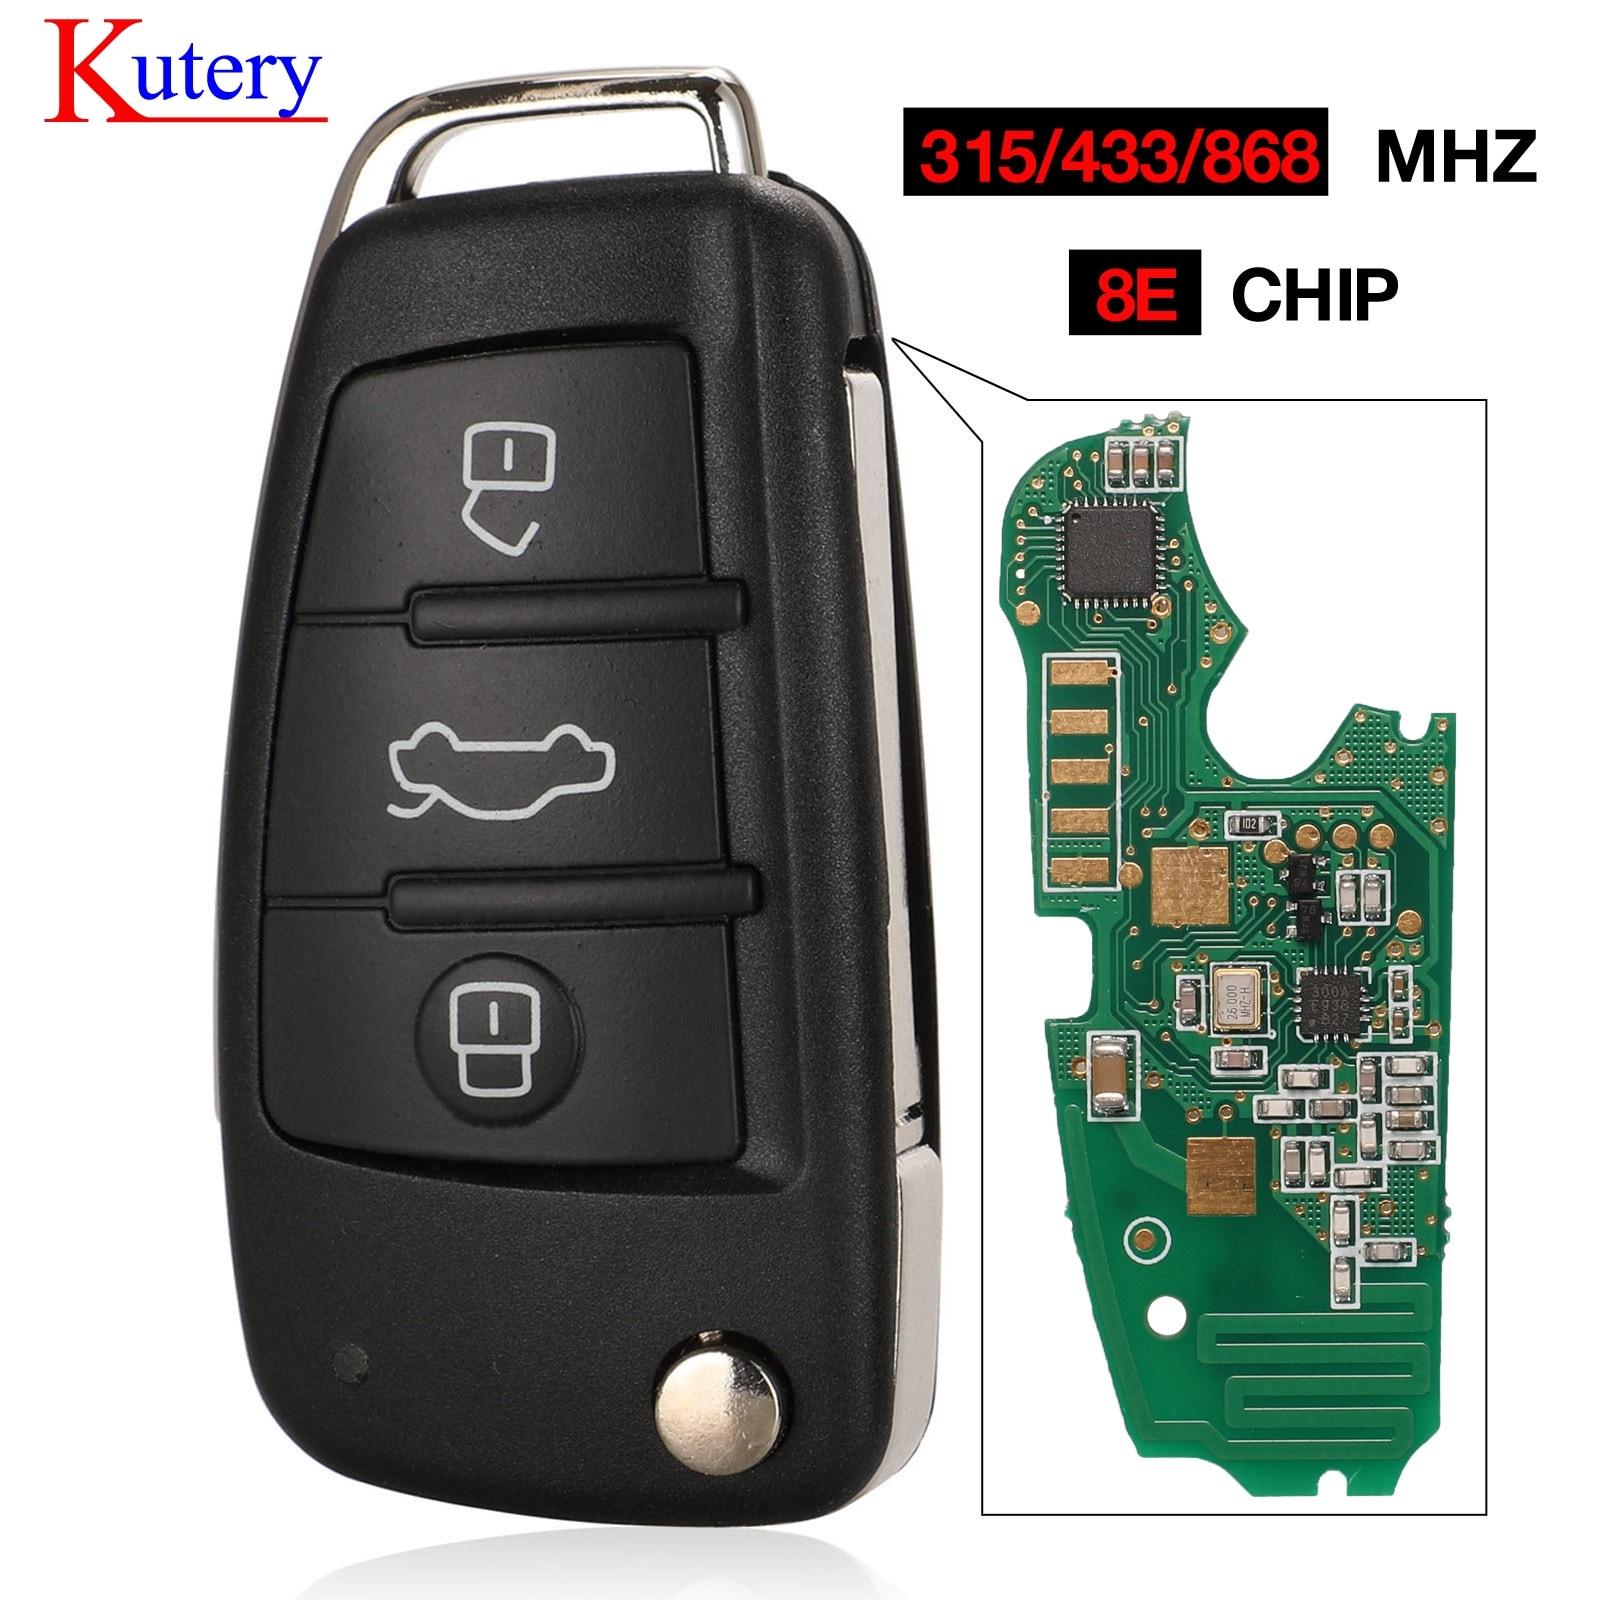 A6L Q7 8E0837220Q kutery para Audi 315/ 433/868MHz Com 8E Chip eletrônico P/N 8E0 837 220Q Af Flip 3 Botão do Controle Remoto Fob Chave Do Carro